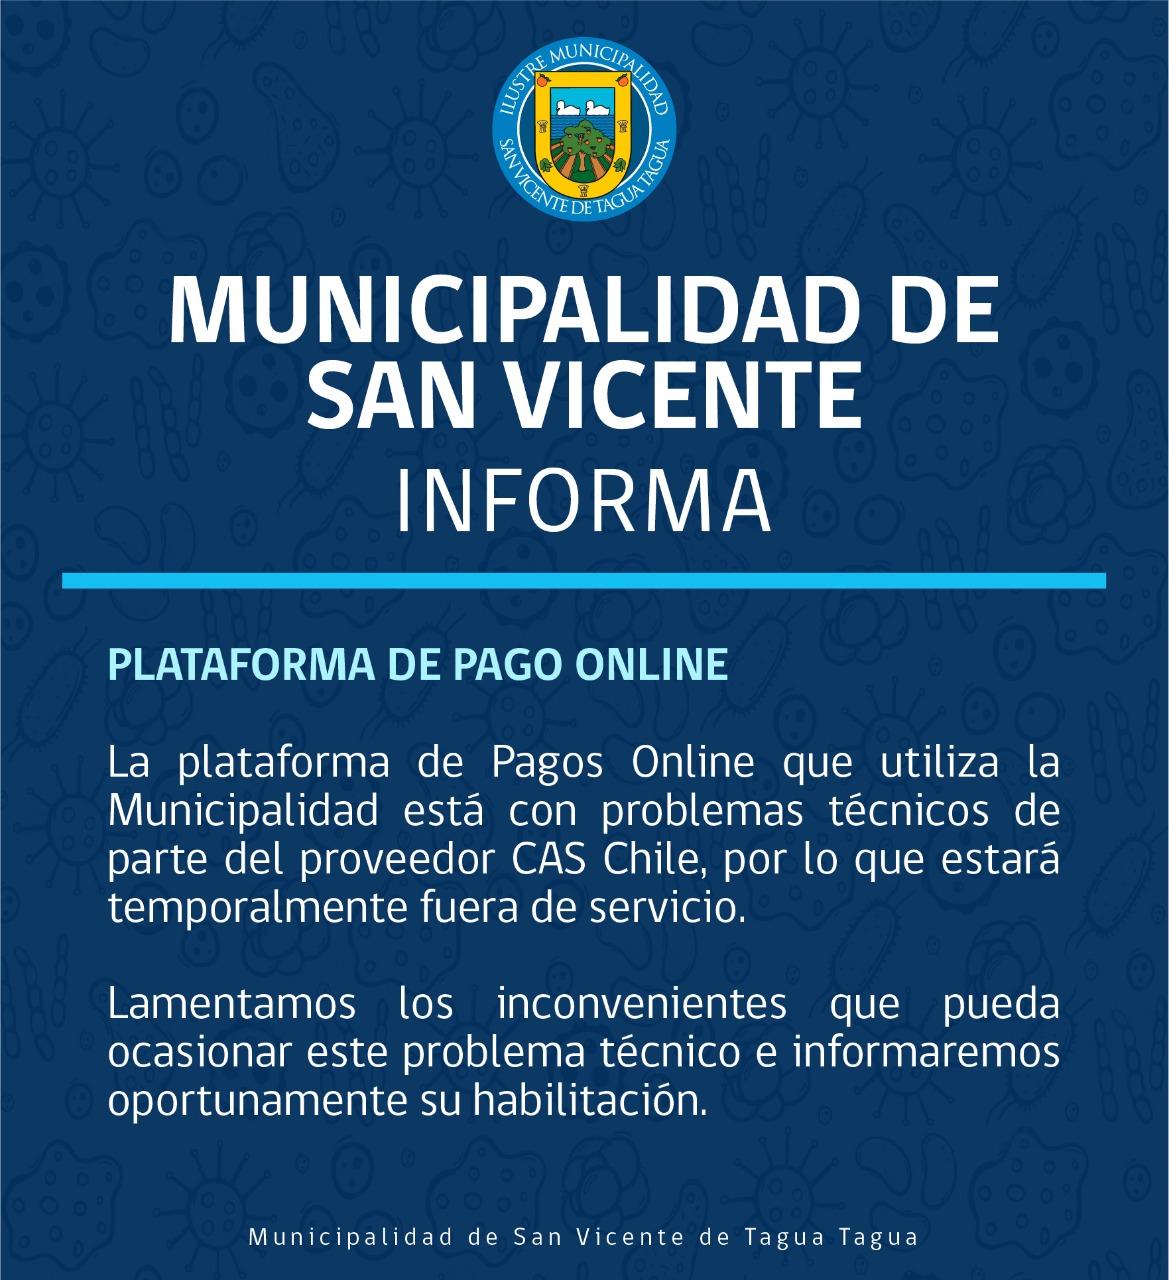 MUNICIPALIDAD DE SAN VICENTE INFORMA PROBLEMAS TÉCNICOS CON PLATAFORMA DE PAGOS ONLINE